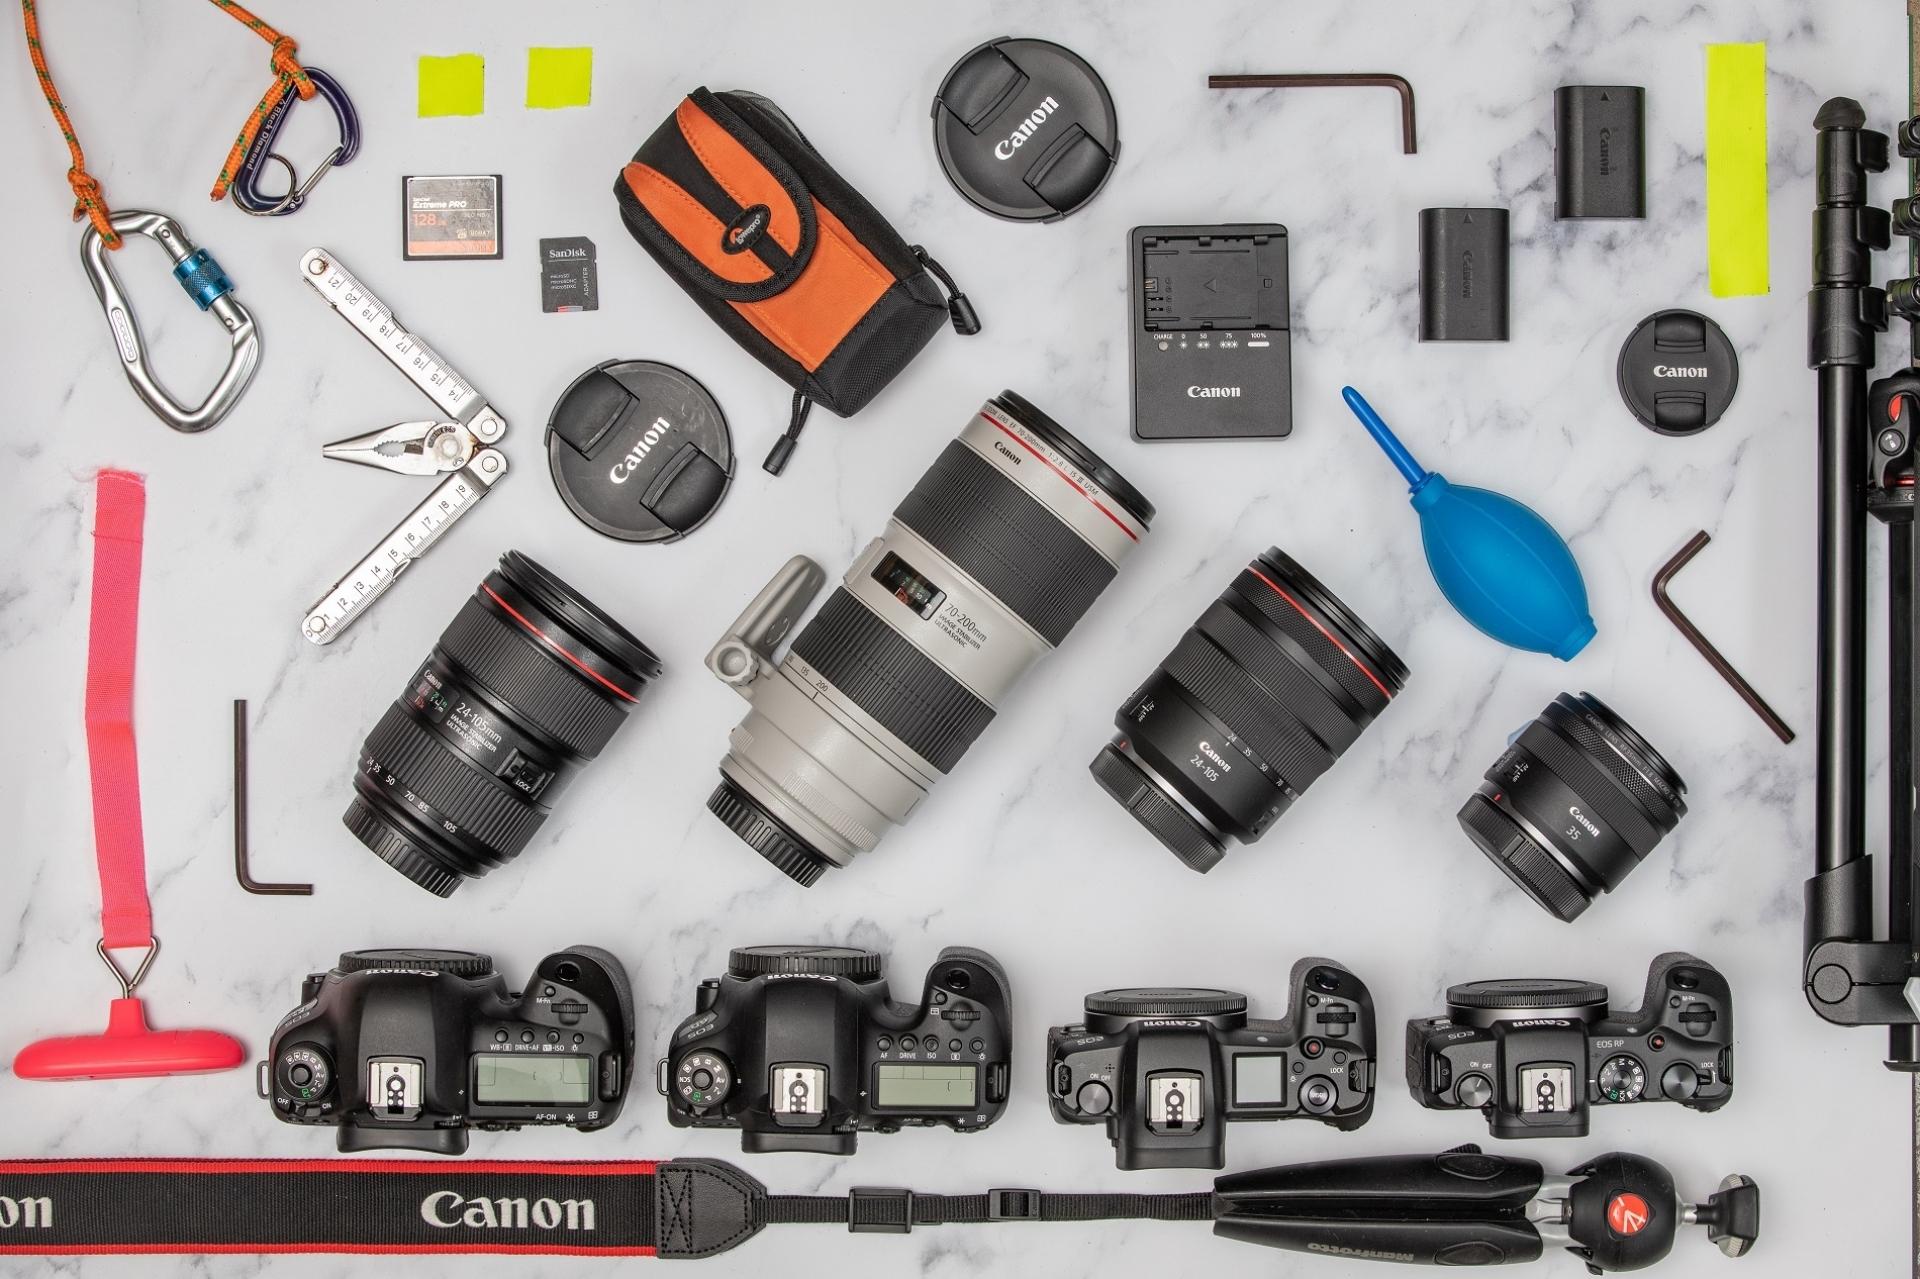 EOS, Vollformat, DSLR, Canon, Objektiv, Webinar